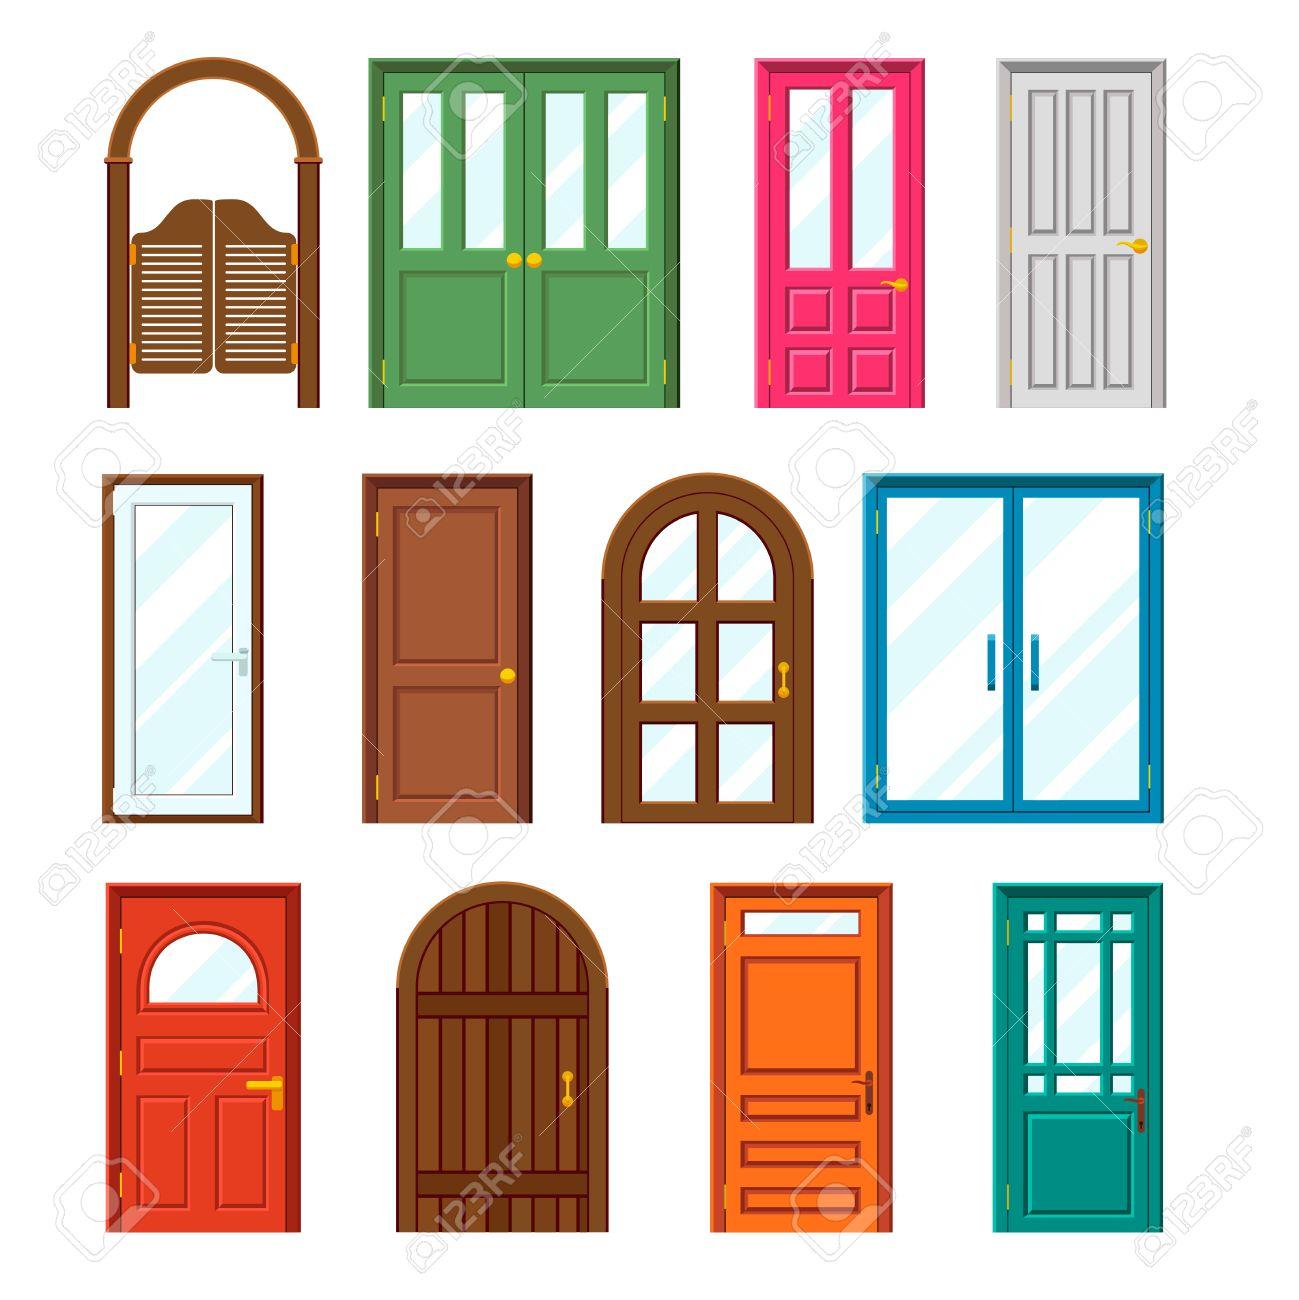 Inside front door clipart - Front Door Set Of Front Buildings Doors In Flat Design Style Exterior And Entrance